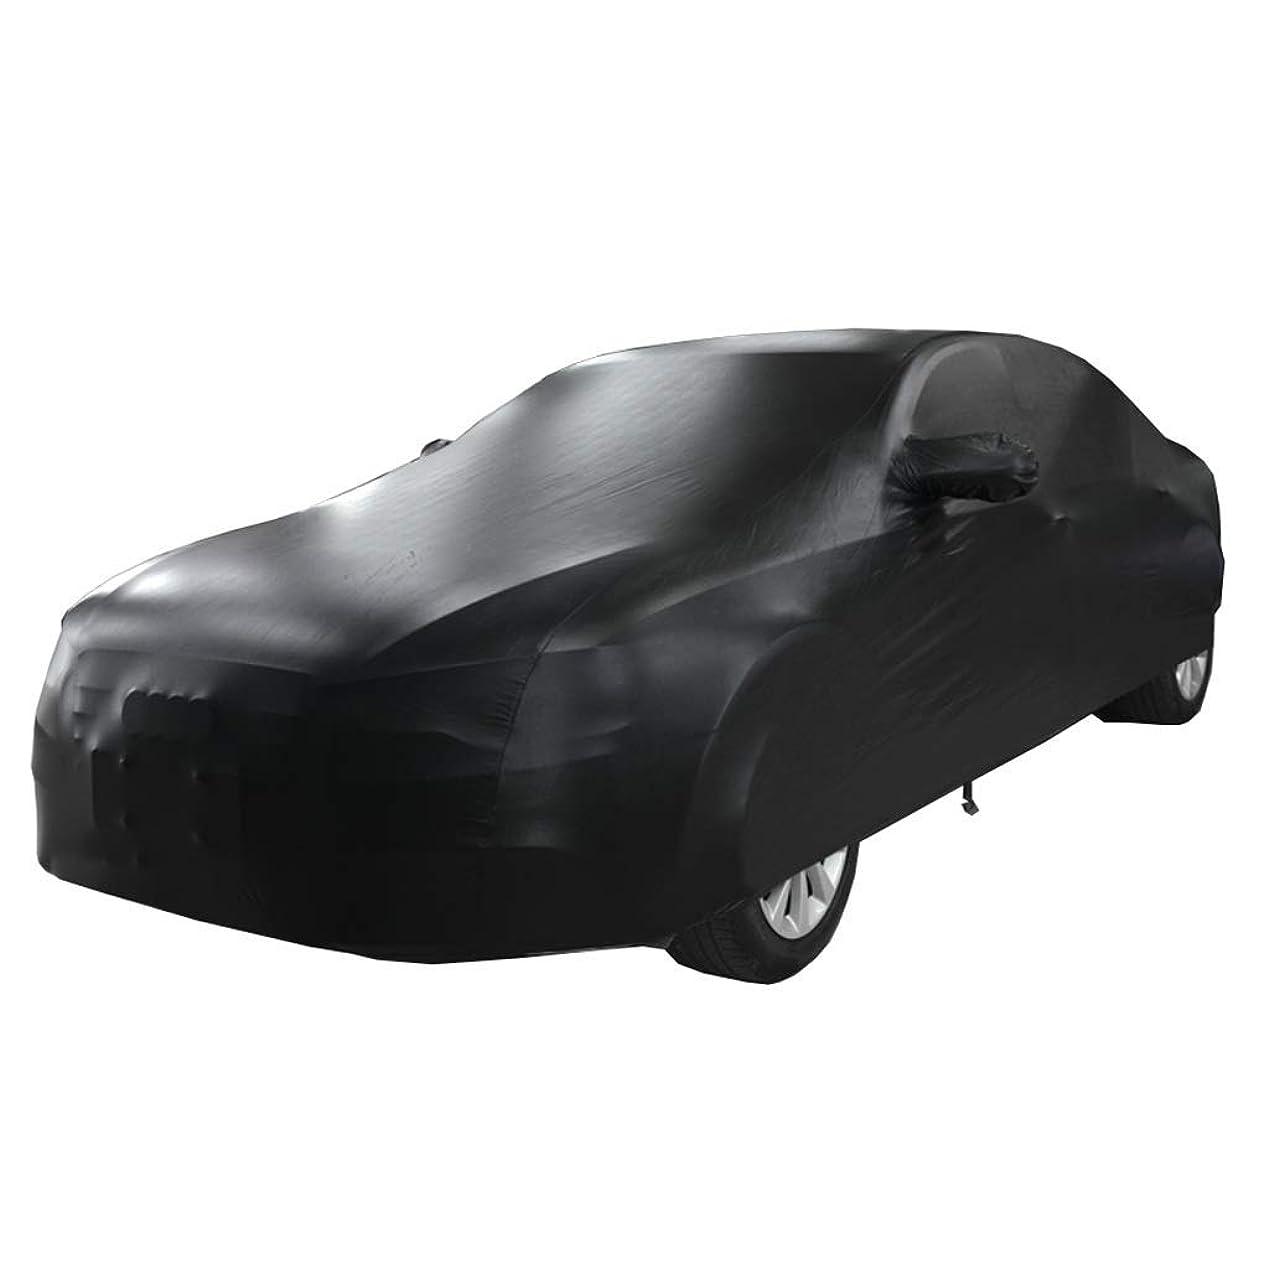 侵入するペルメルおびえたPU防水夏と冬のカーカバーUVプロテクションカー服との完全なカーカバーレクサスカスタマイズされた弾性フィットレクサスに合わせて (Size : ES 300 3.0)